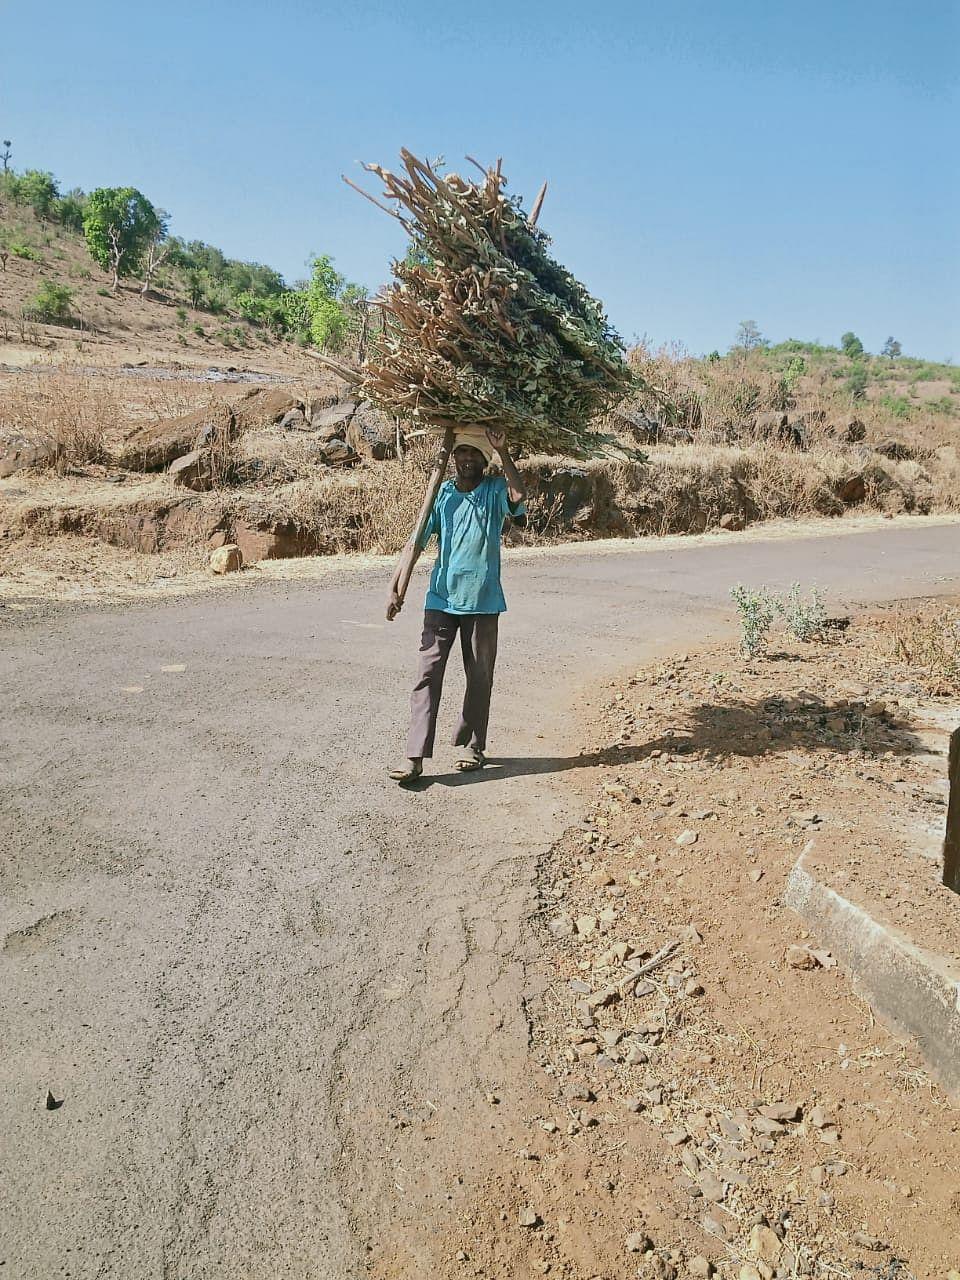 त्र्यंबकेश्वर : करोनाशी दोन हात करीत ग्रामीण भागात राब भाजणीस प्रारंभ